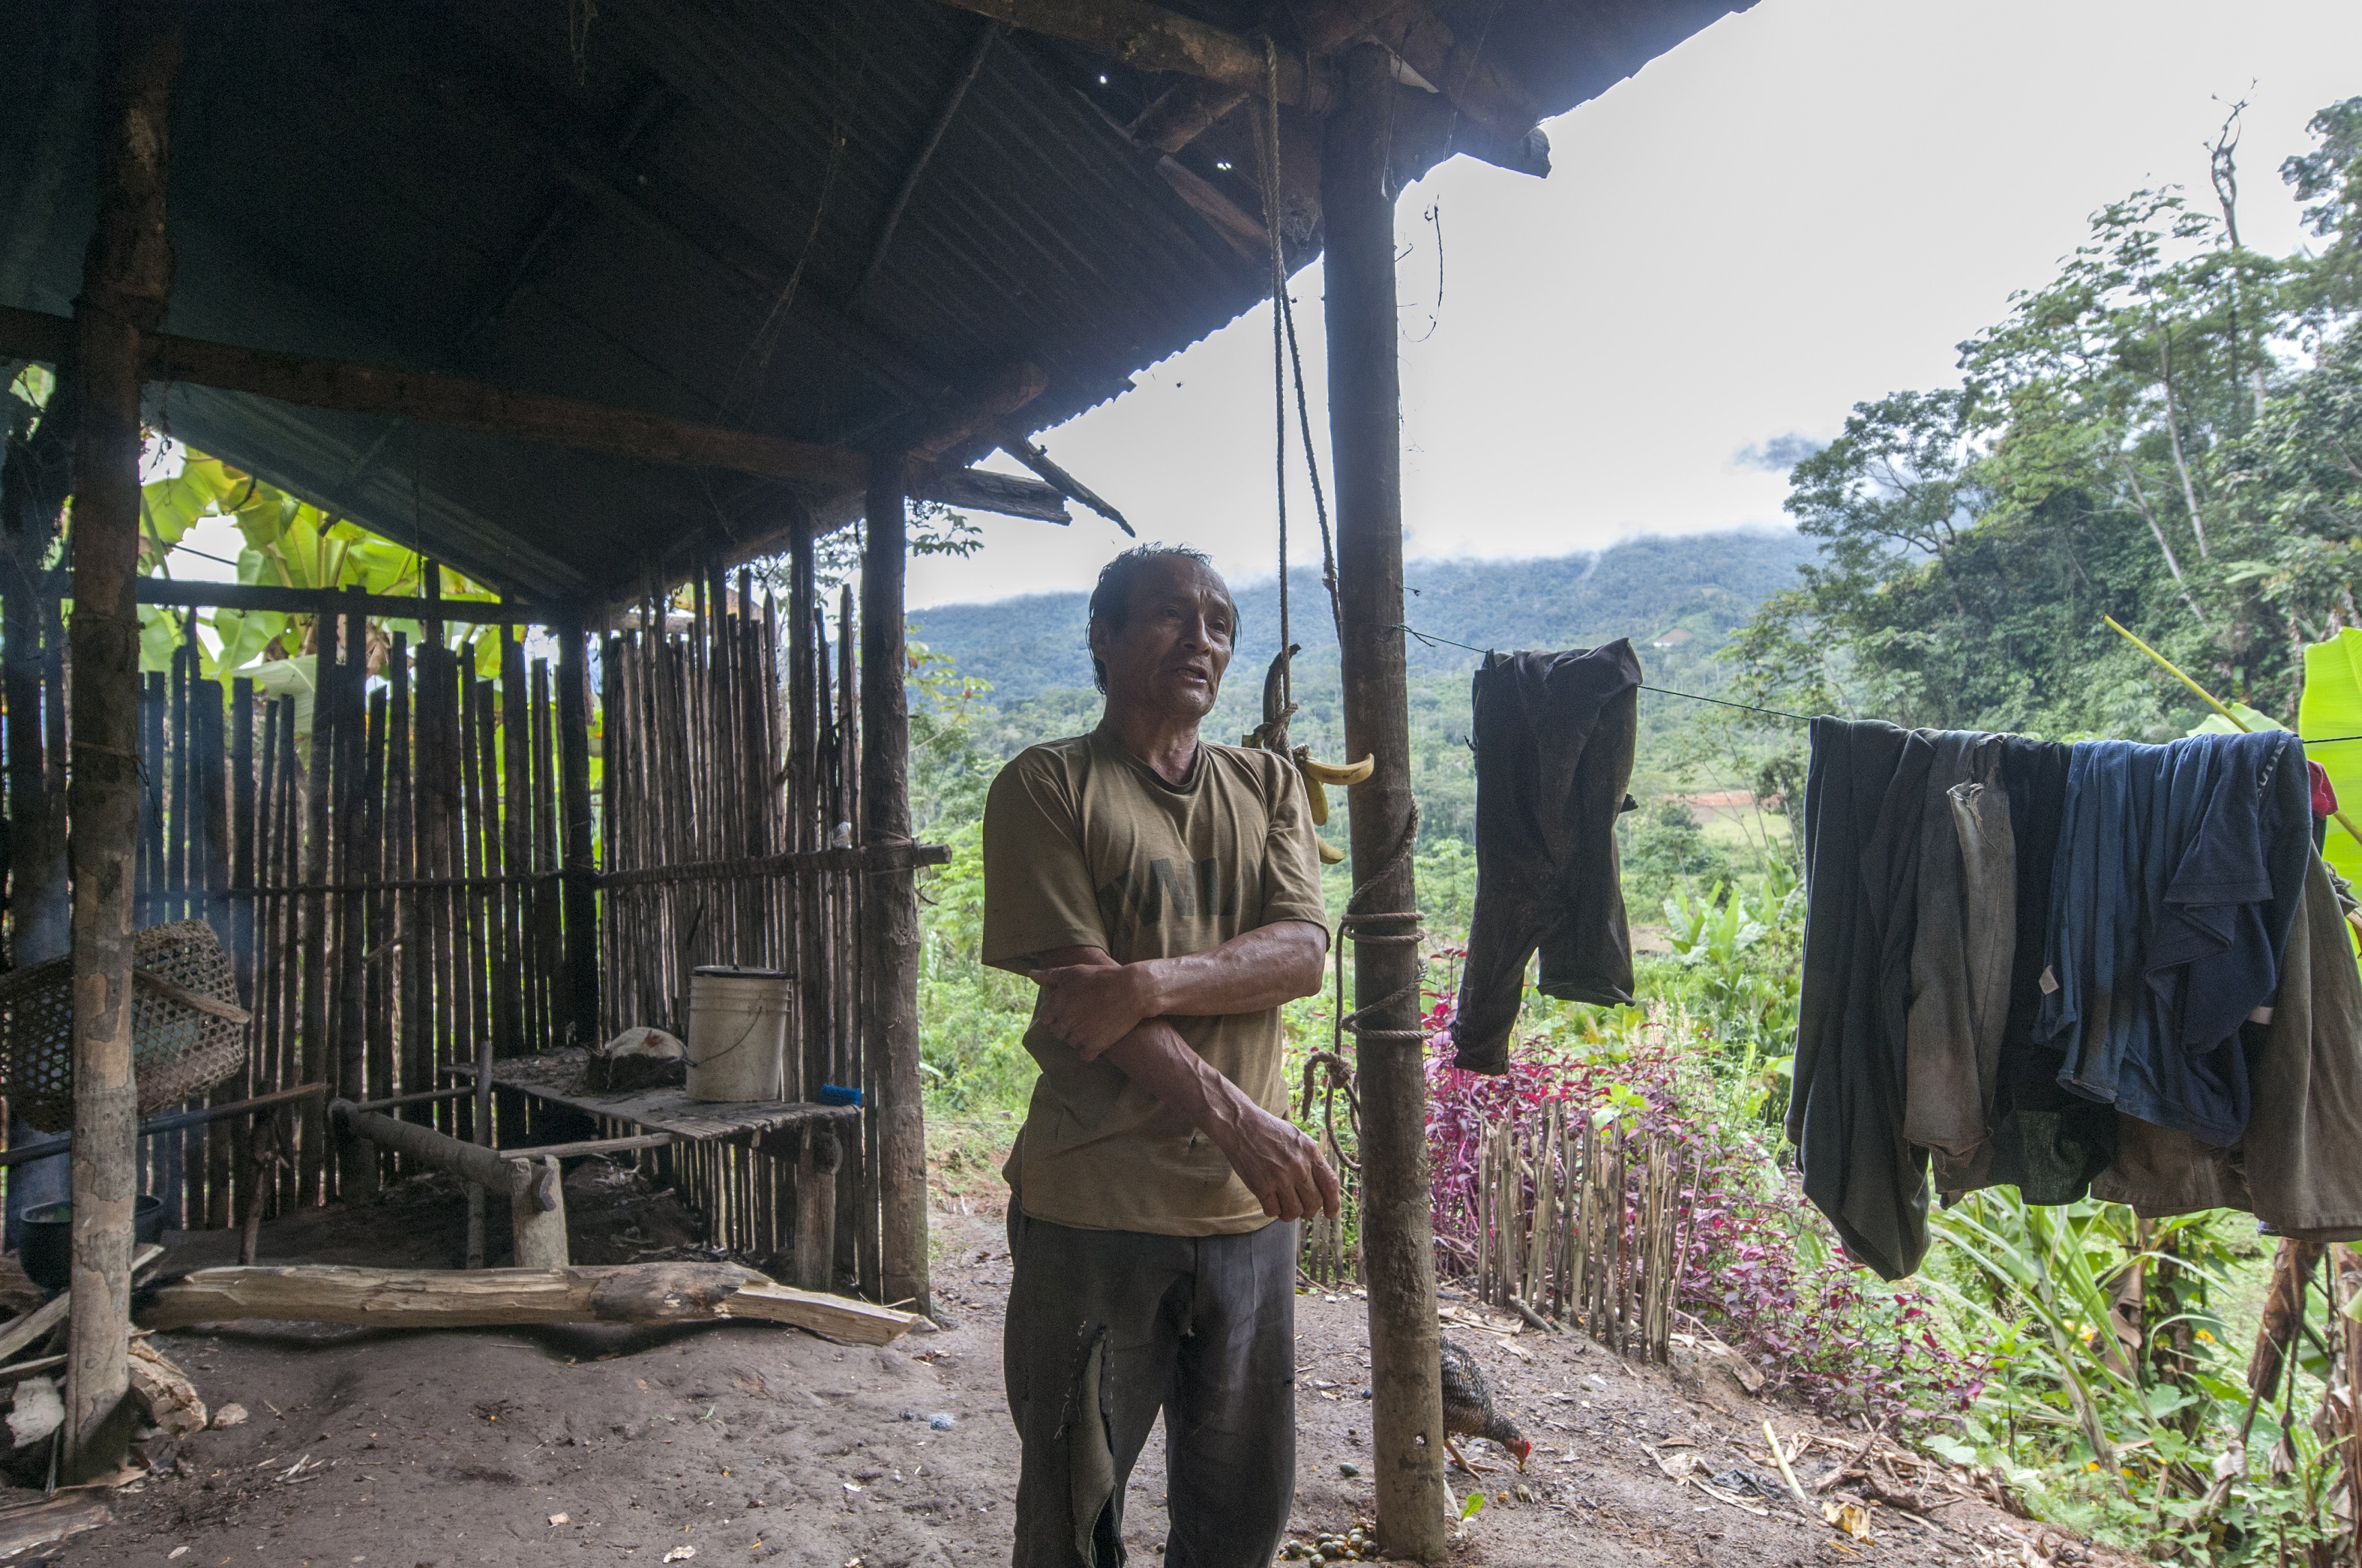 Los habitantes de Tundayme están preocupados por el agua del río y su futuro desvío para el proyecto minero Mirador. Foto: Segundo Espín / Revista Vistazo.